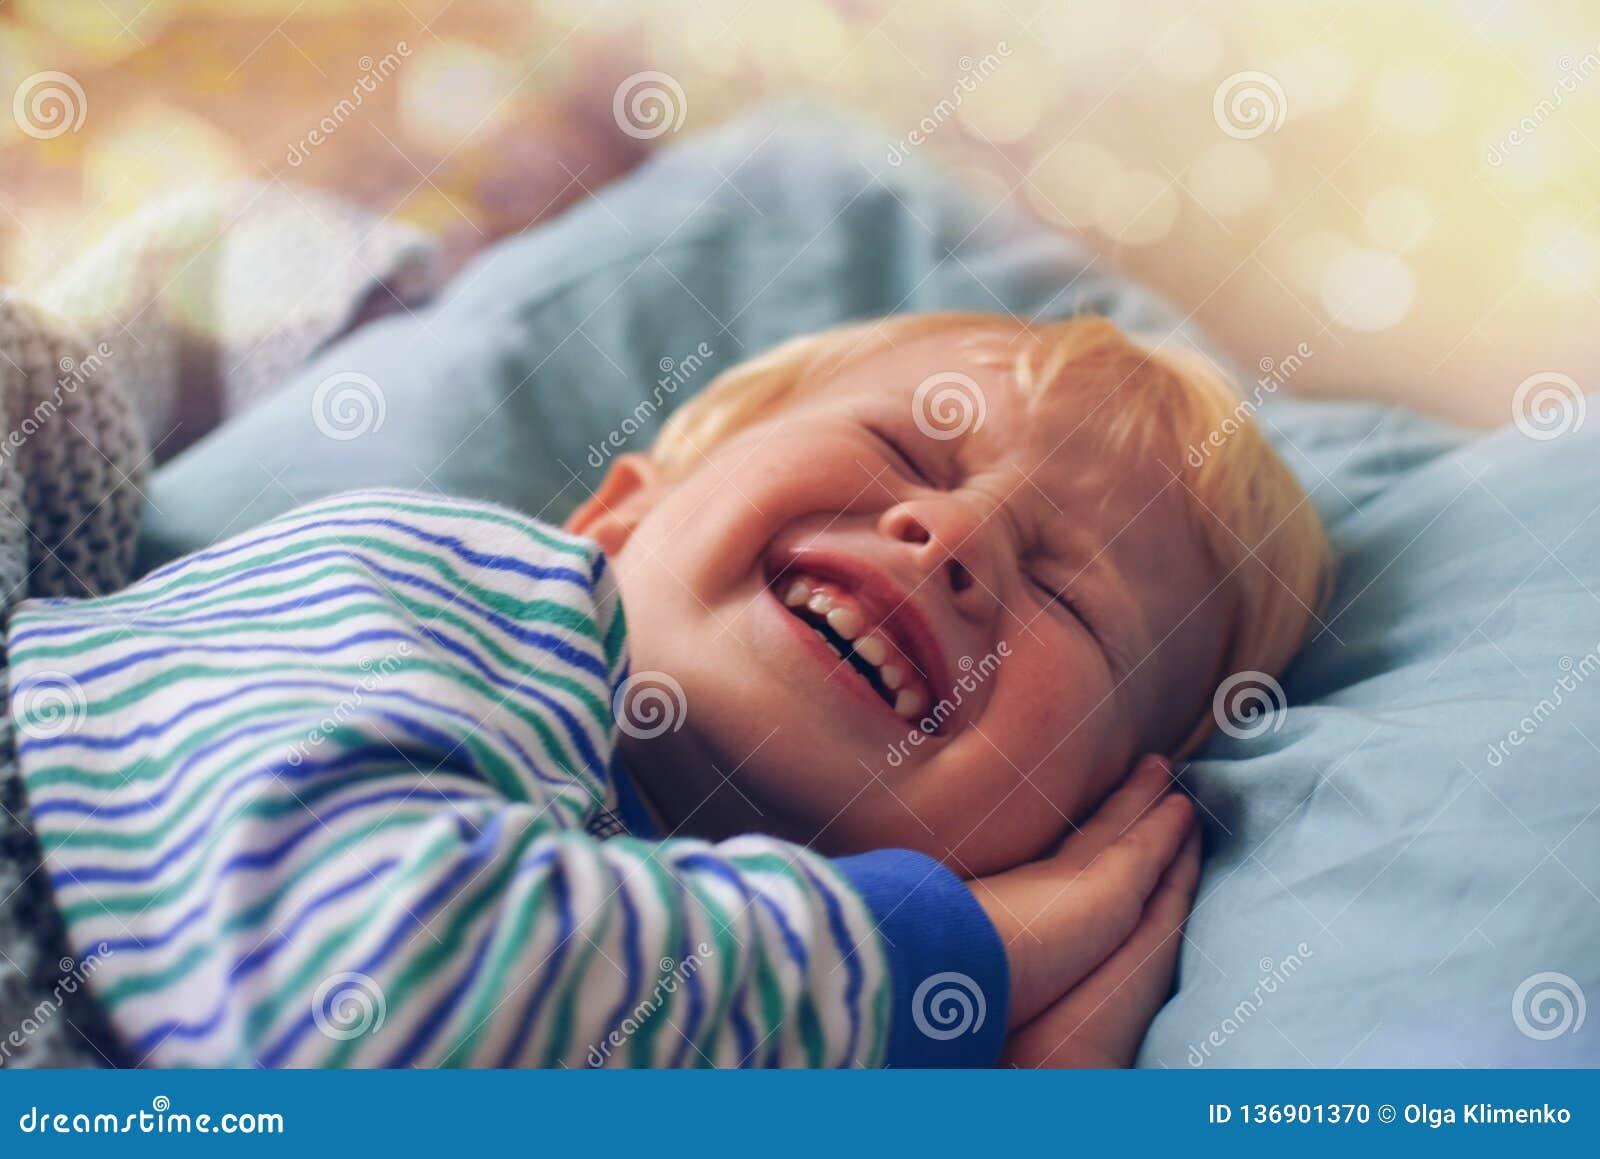 De een weinig blonde jongen in gestreepte pyjama s met zijn handen onder zijn wang knippert, proberend aan slaap